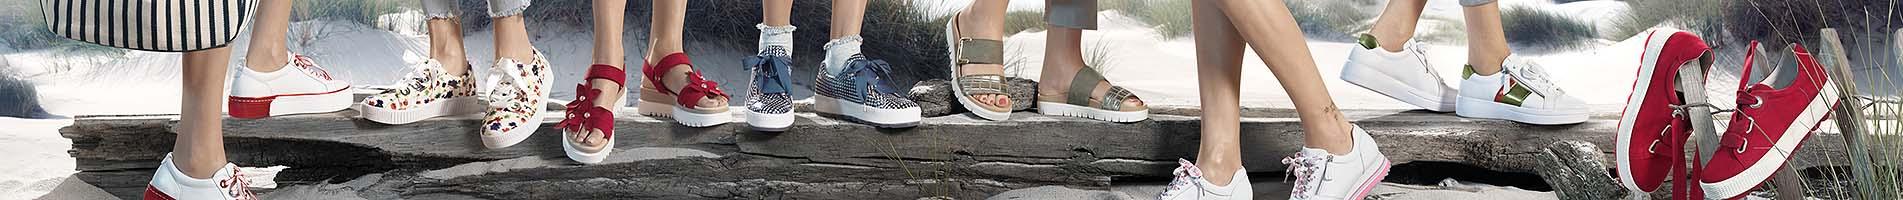 Gabor 24 Schuhe Über Gaborshop24 Gaborshop cL34AS5Rjq